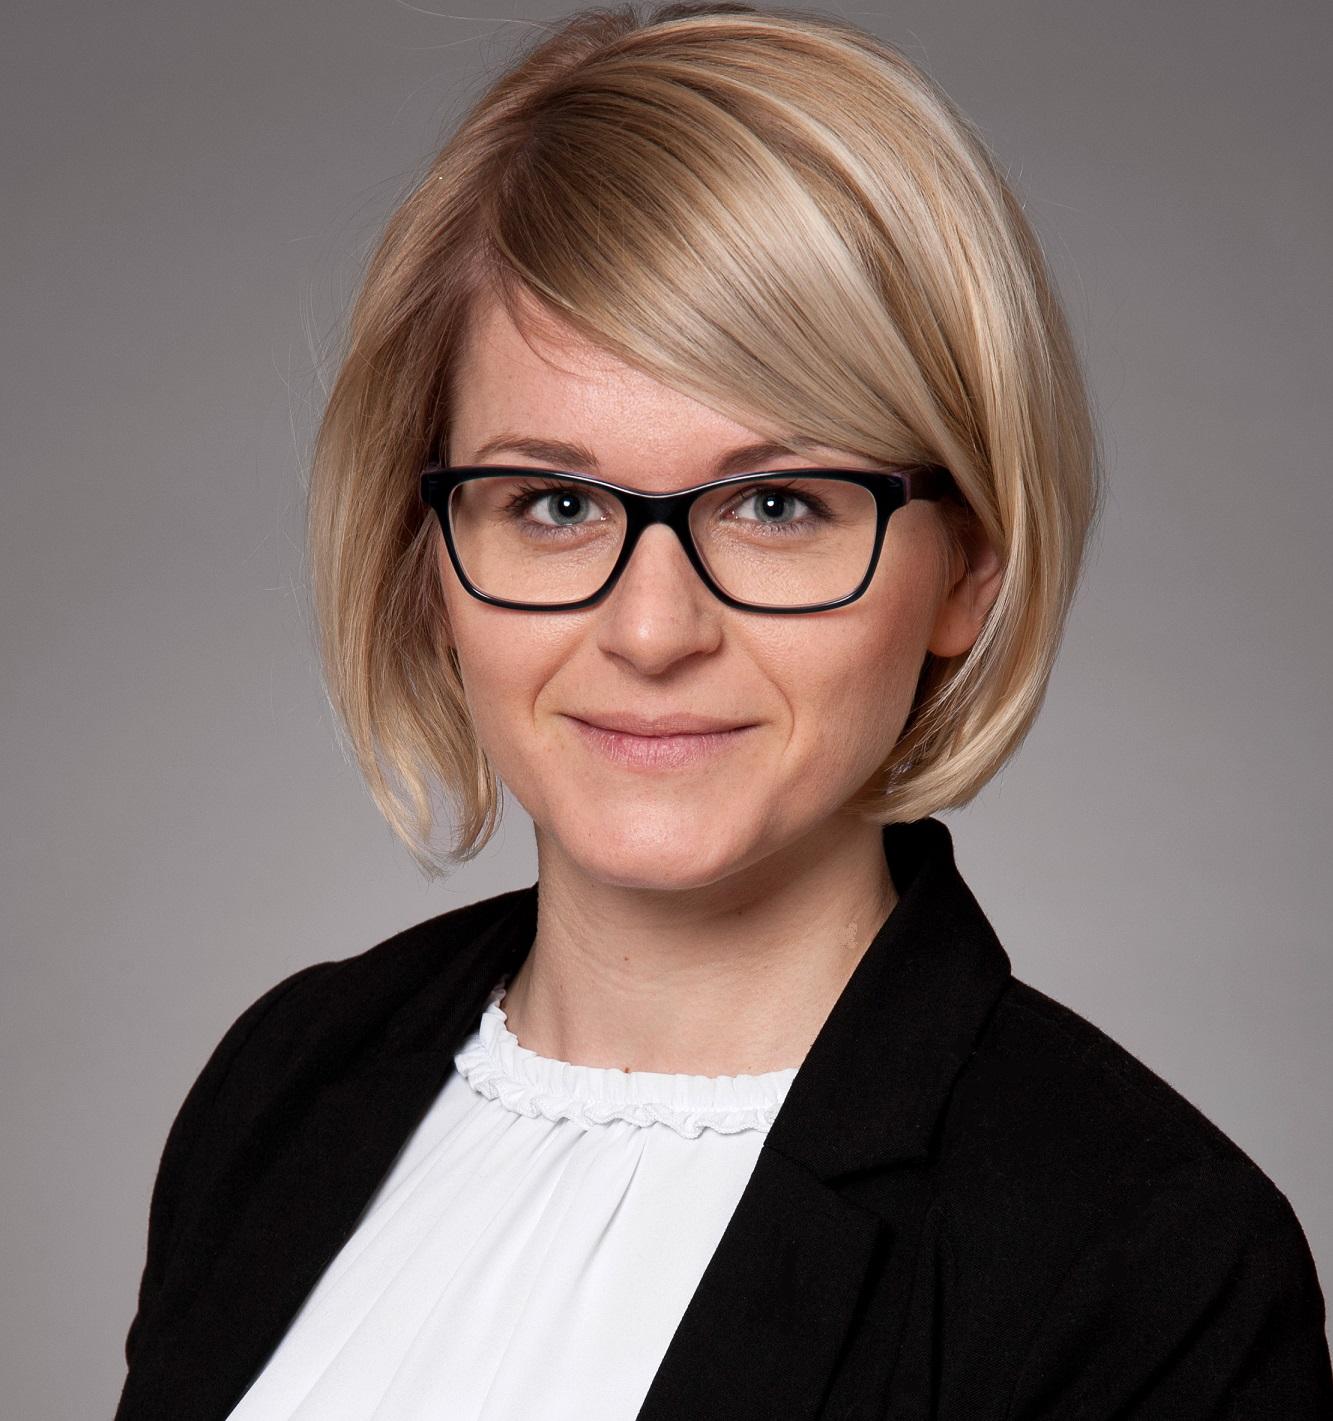 Anabel Zwerschke